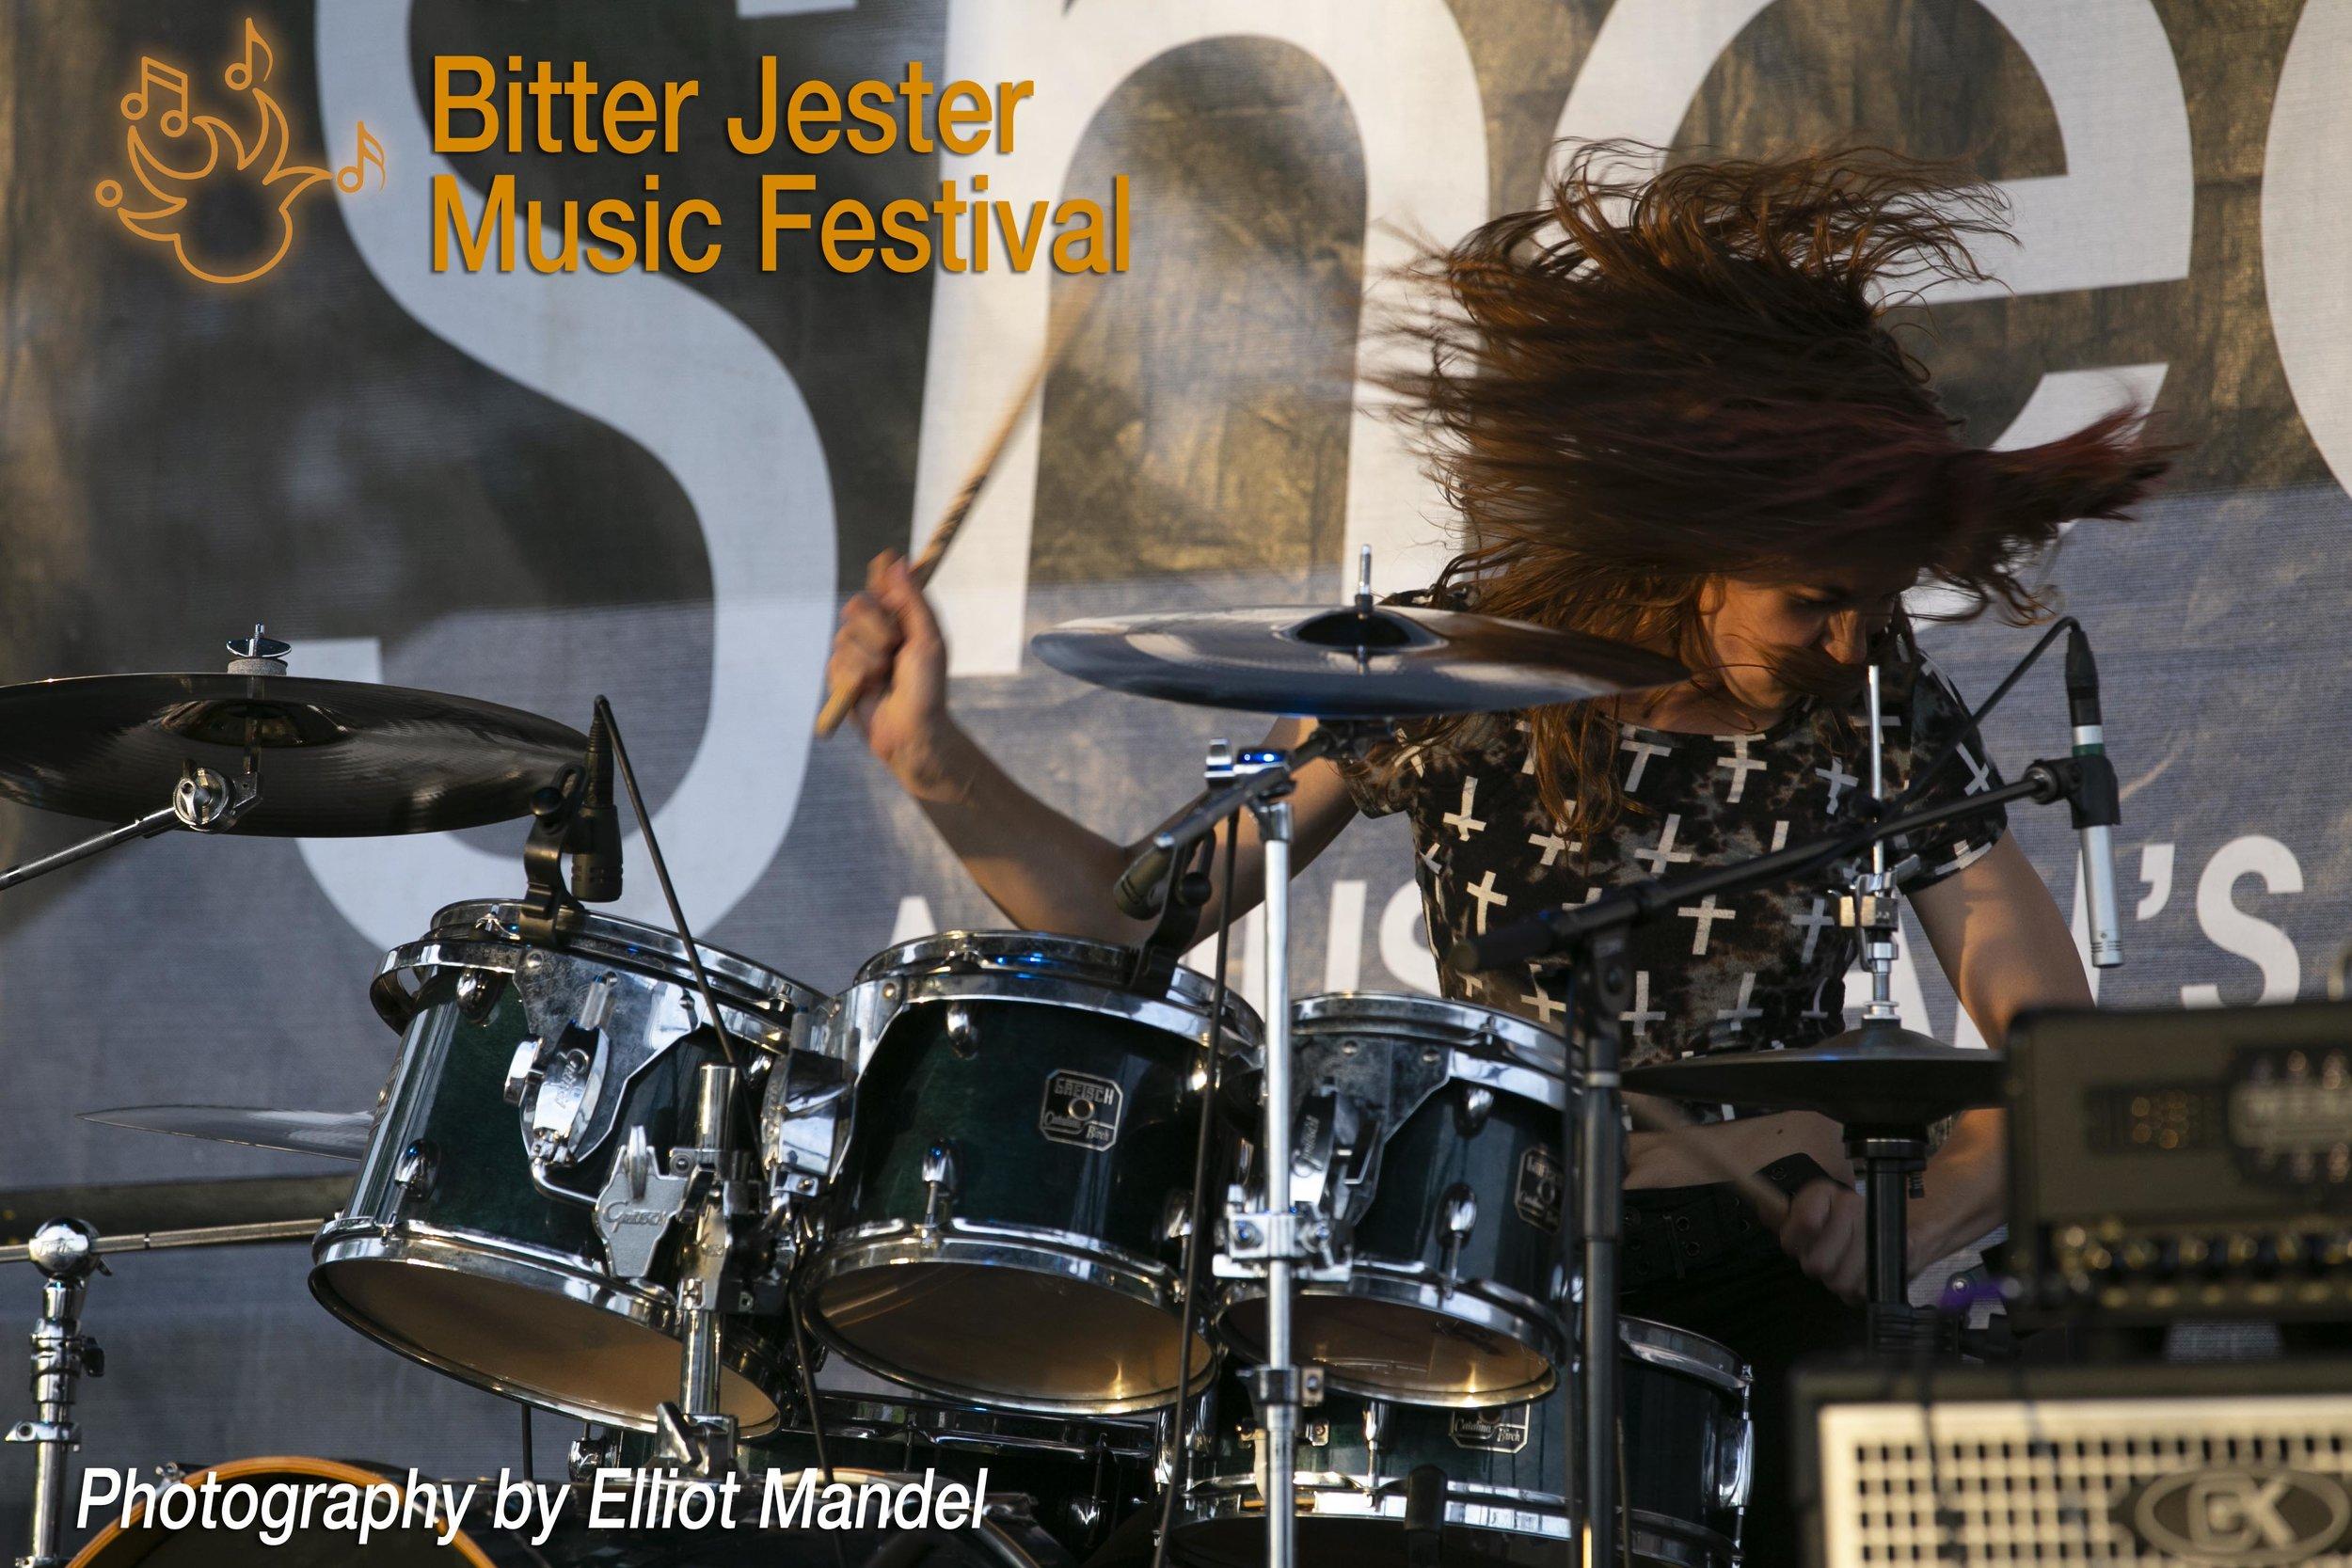 Bitter-Jester-Music-Fest_ElliotMandel-255.jpg